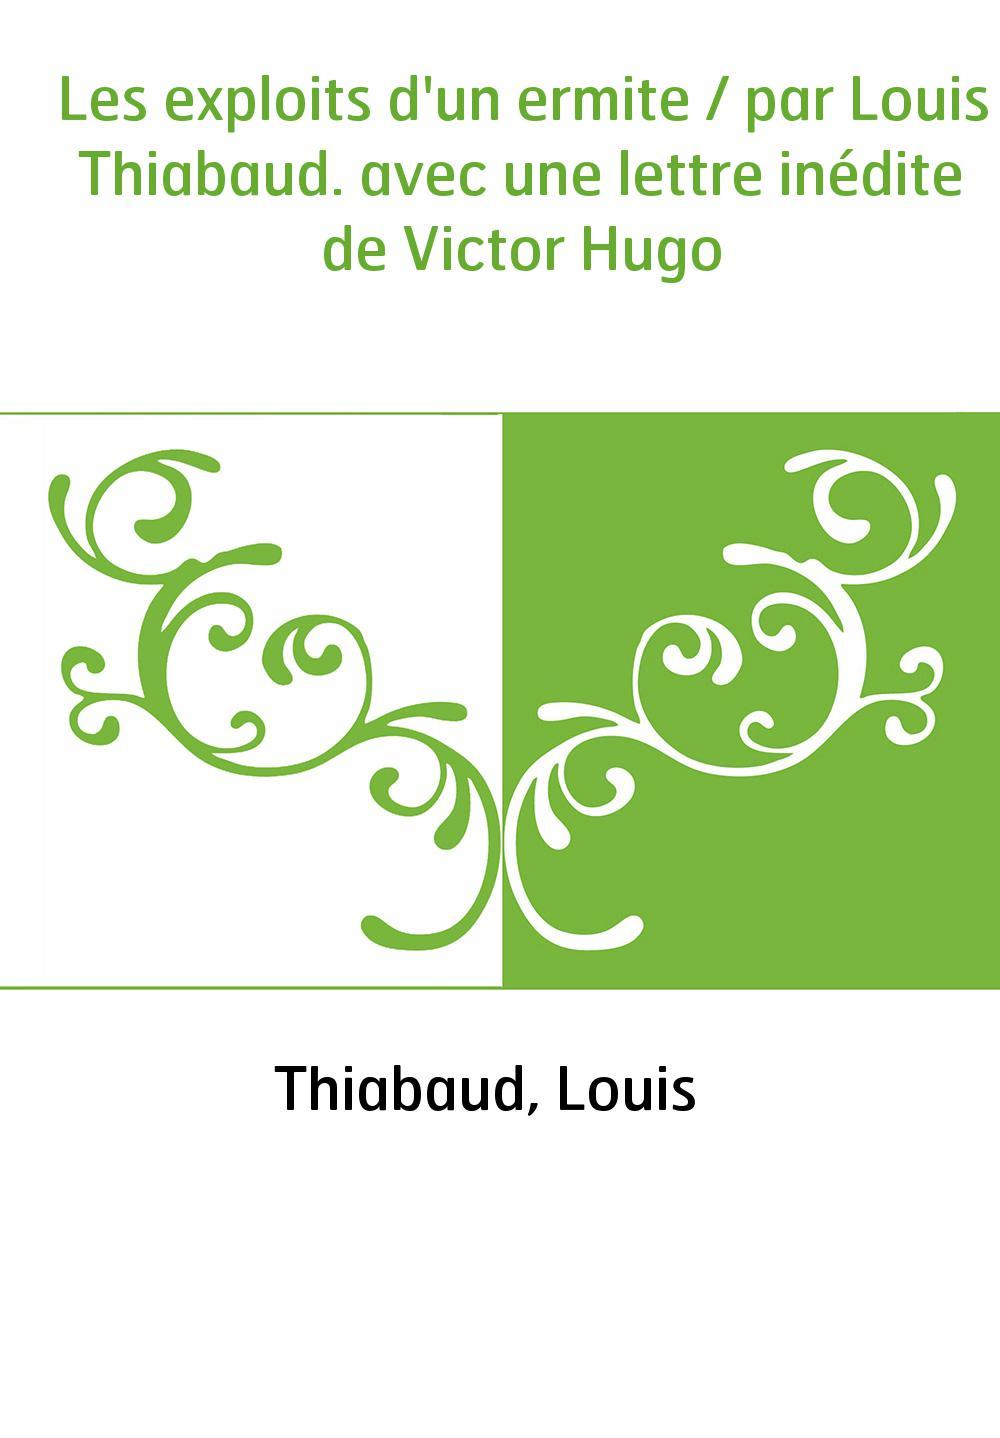 Les exploits d'un ermite / par Louis Thiabaud. avec une lettre inédite de Victor Hugo